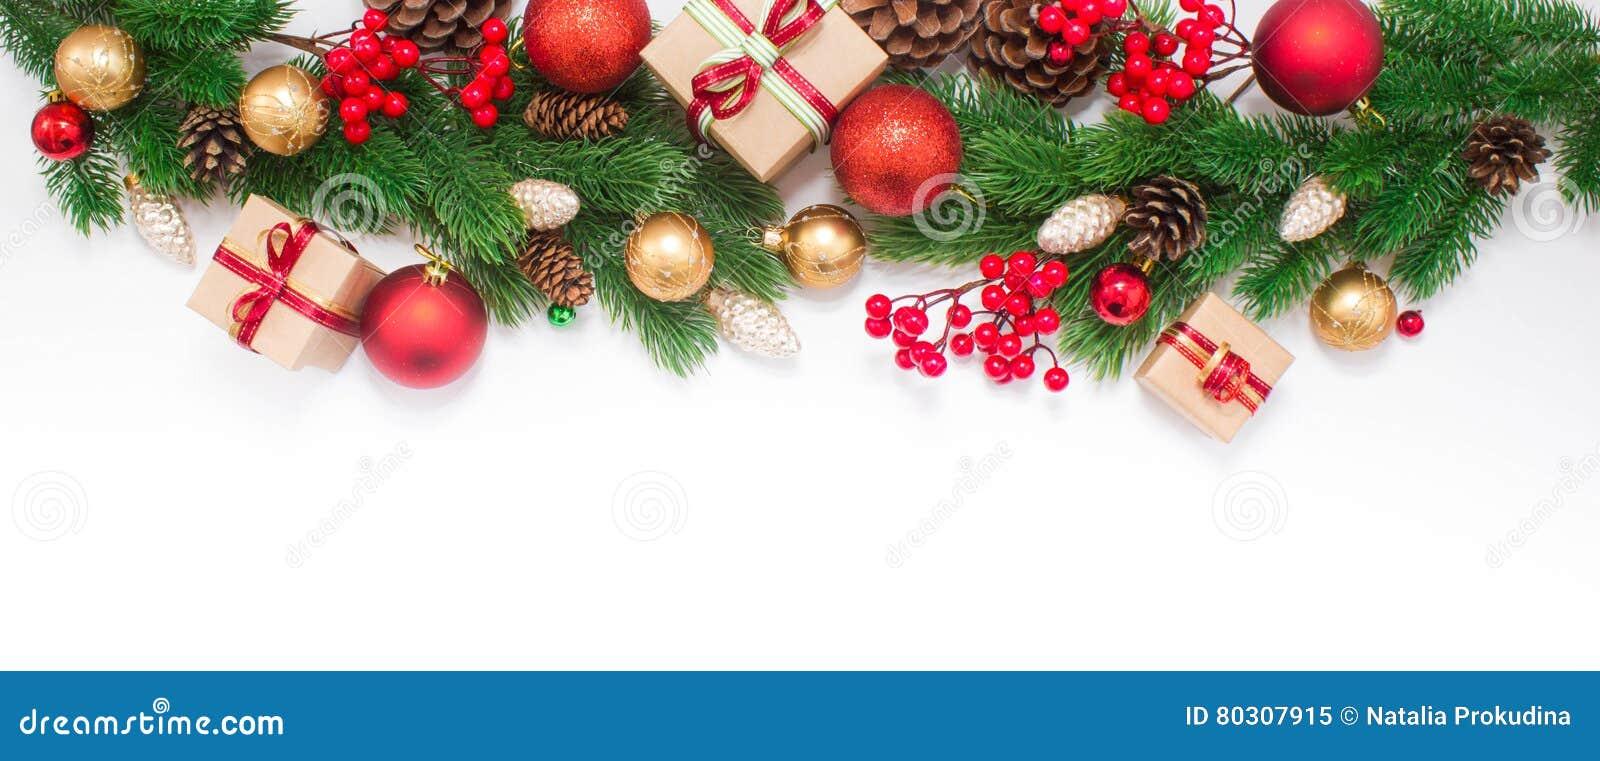 Χριστούγεννα ή νέα ανασκόπηση έτους